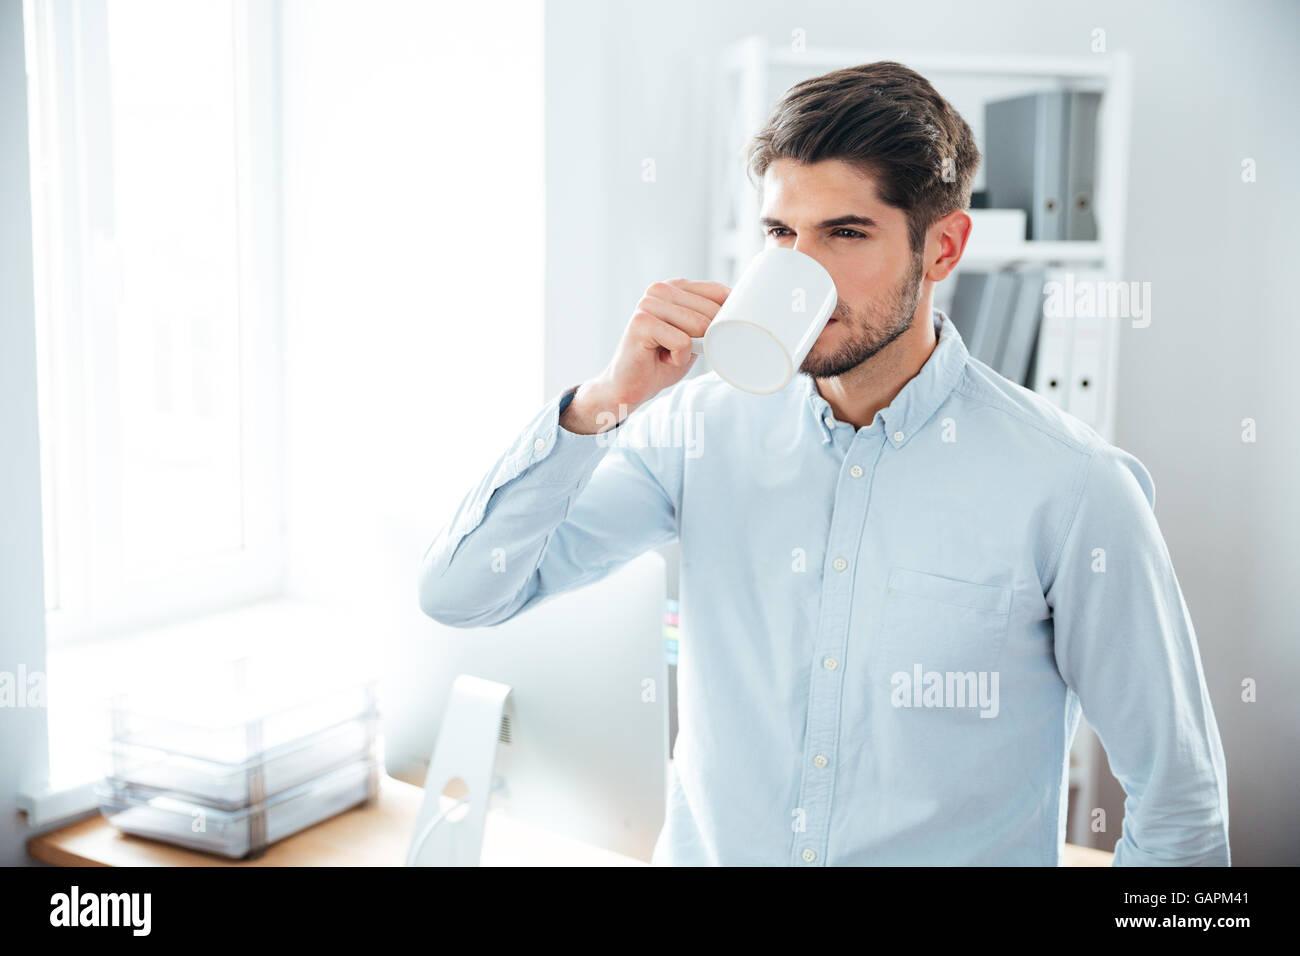 Apuesto joven parado y beber café en la oficina Imagen De Stock